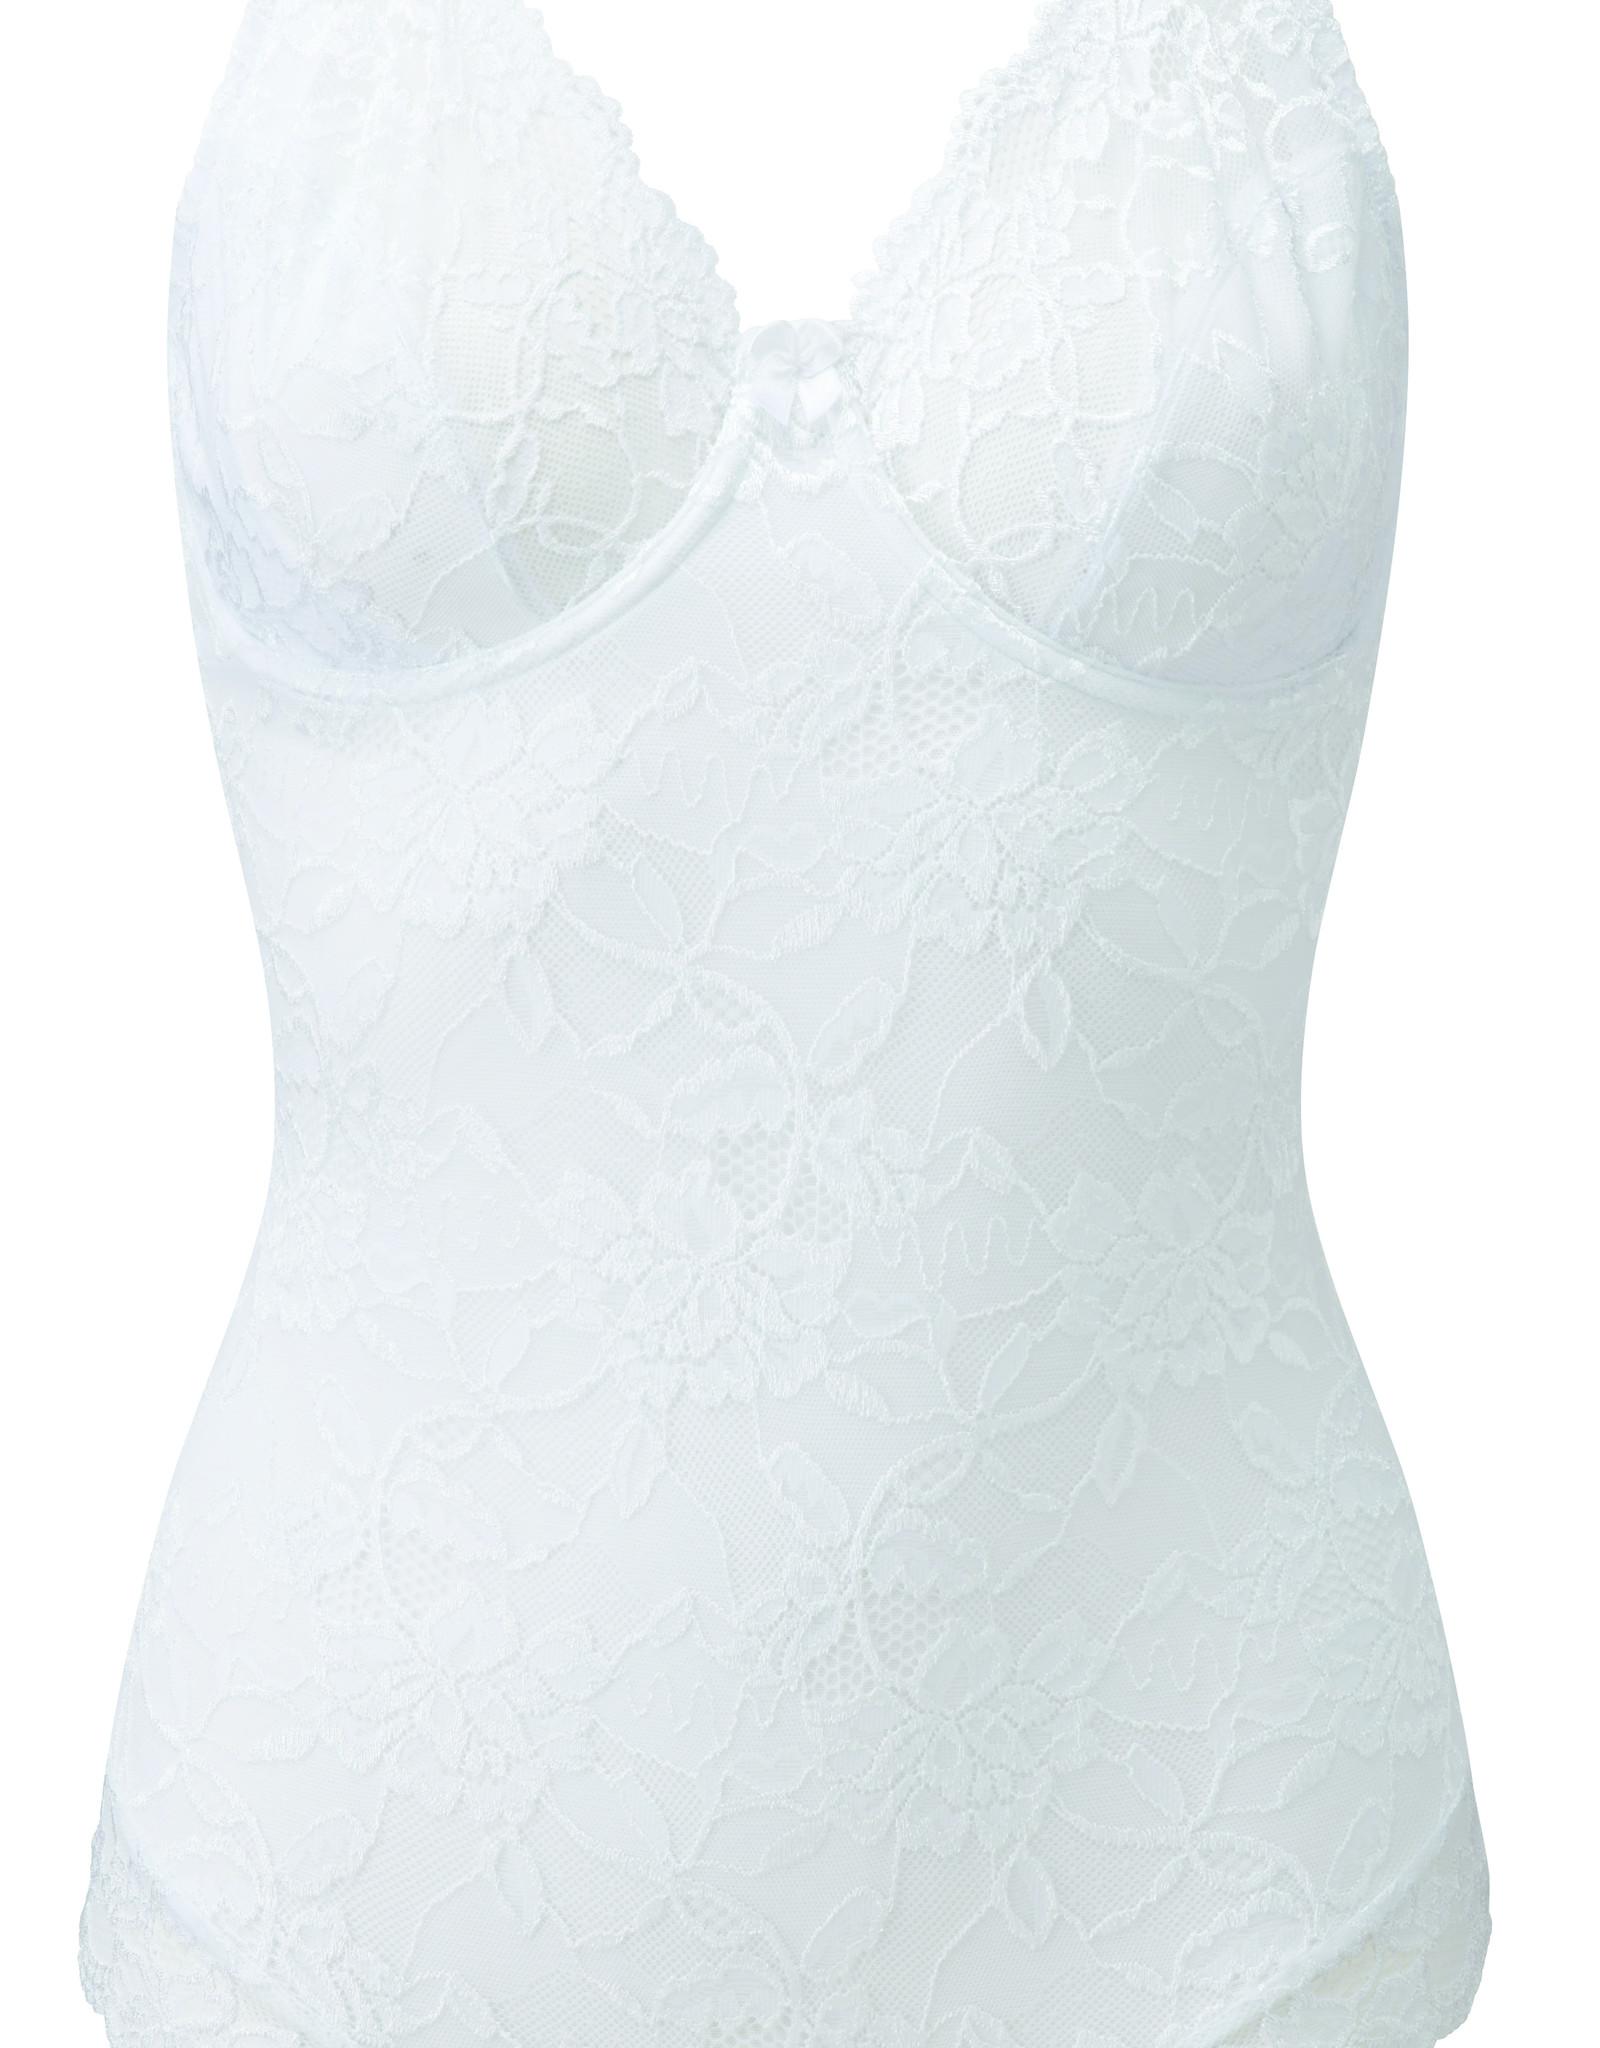 Charnos Rosalind White Bodysuit Sample